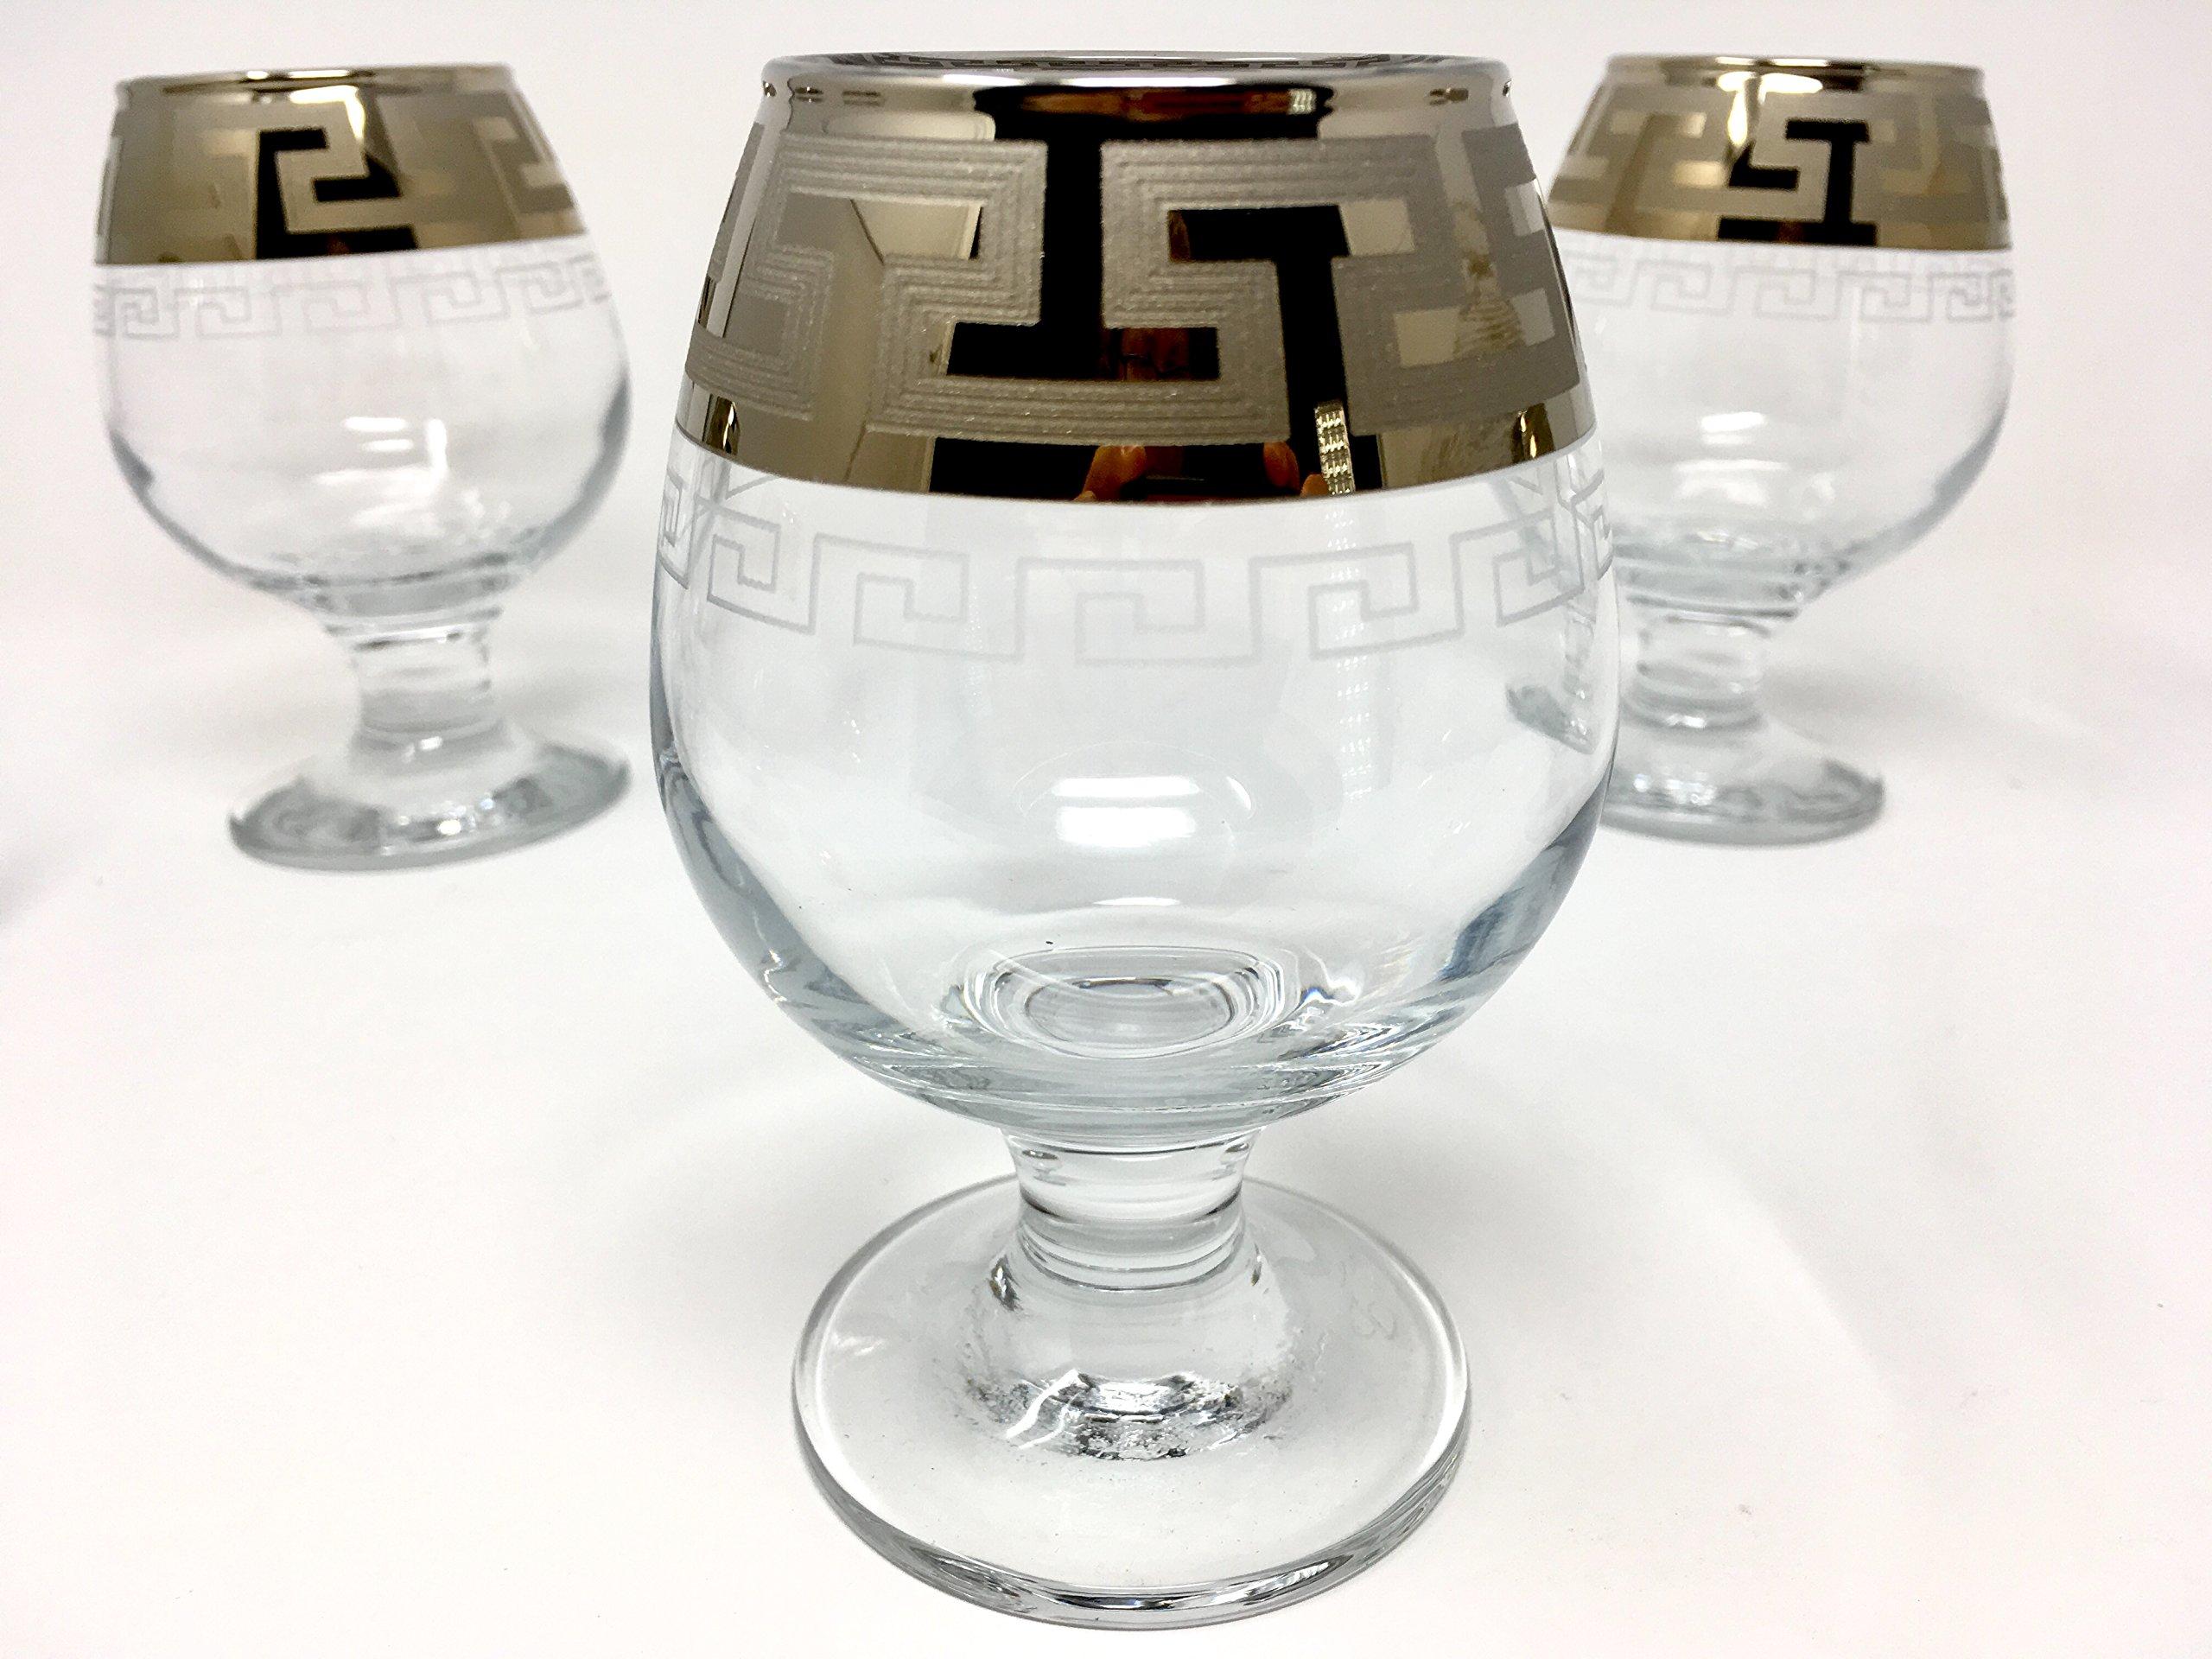 CRYSTAL GLASS SNIFTER GLASSES 8oz./250ml. PLATINUM PLATED SET OF 6 COGNAC BRANDY ARMAGNAC CALVADOS WHISKEY GLASSES ENGRAVED VINTAGE GREEK DESIGN CLASSIC STEM GOBLETS by VelvetPlace (Image #3)